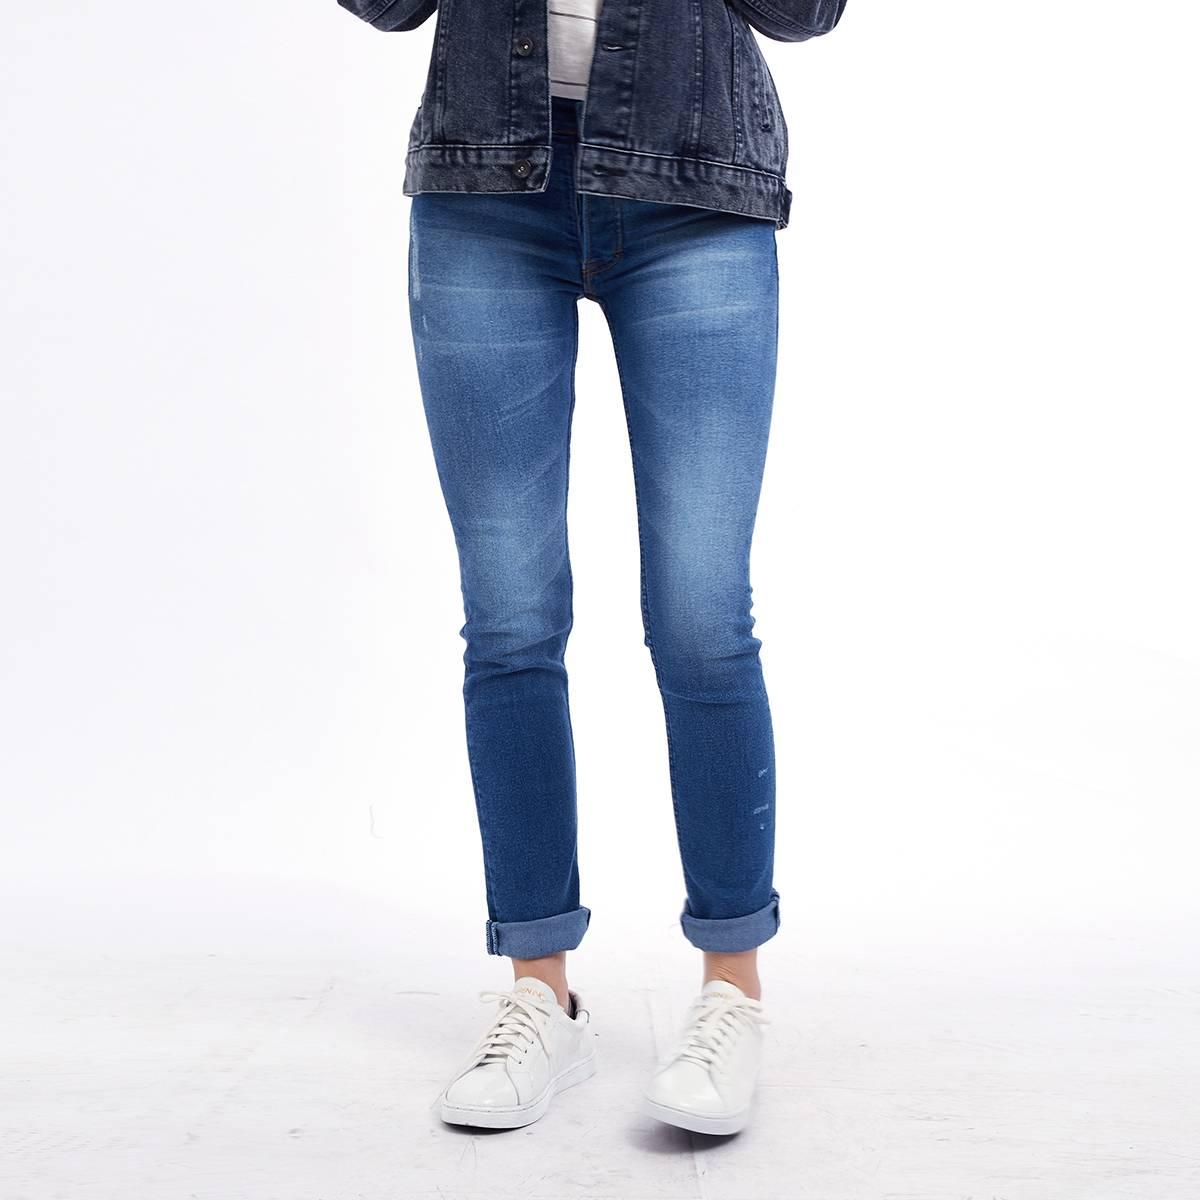 Celana Panjang Jeans / Street Wanderers Washed Ladies3